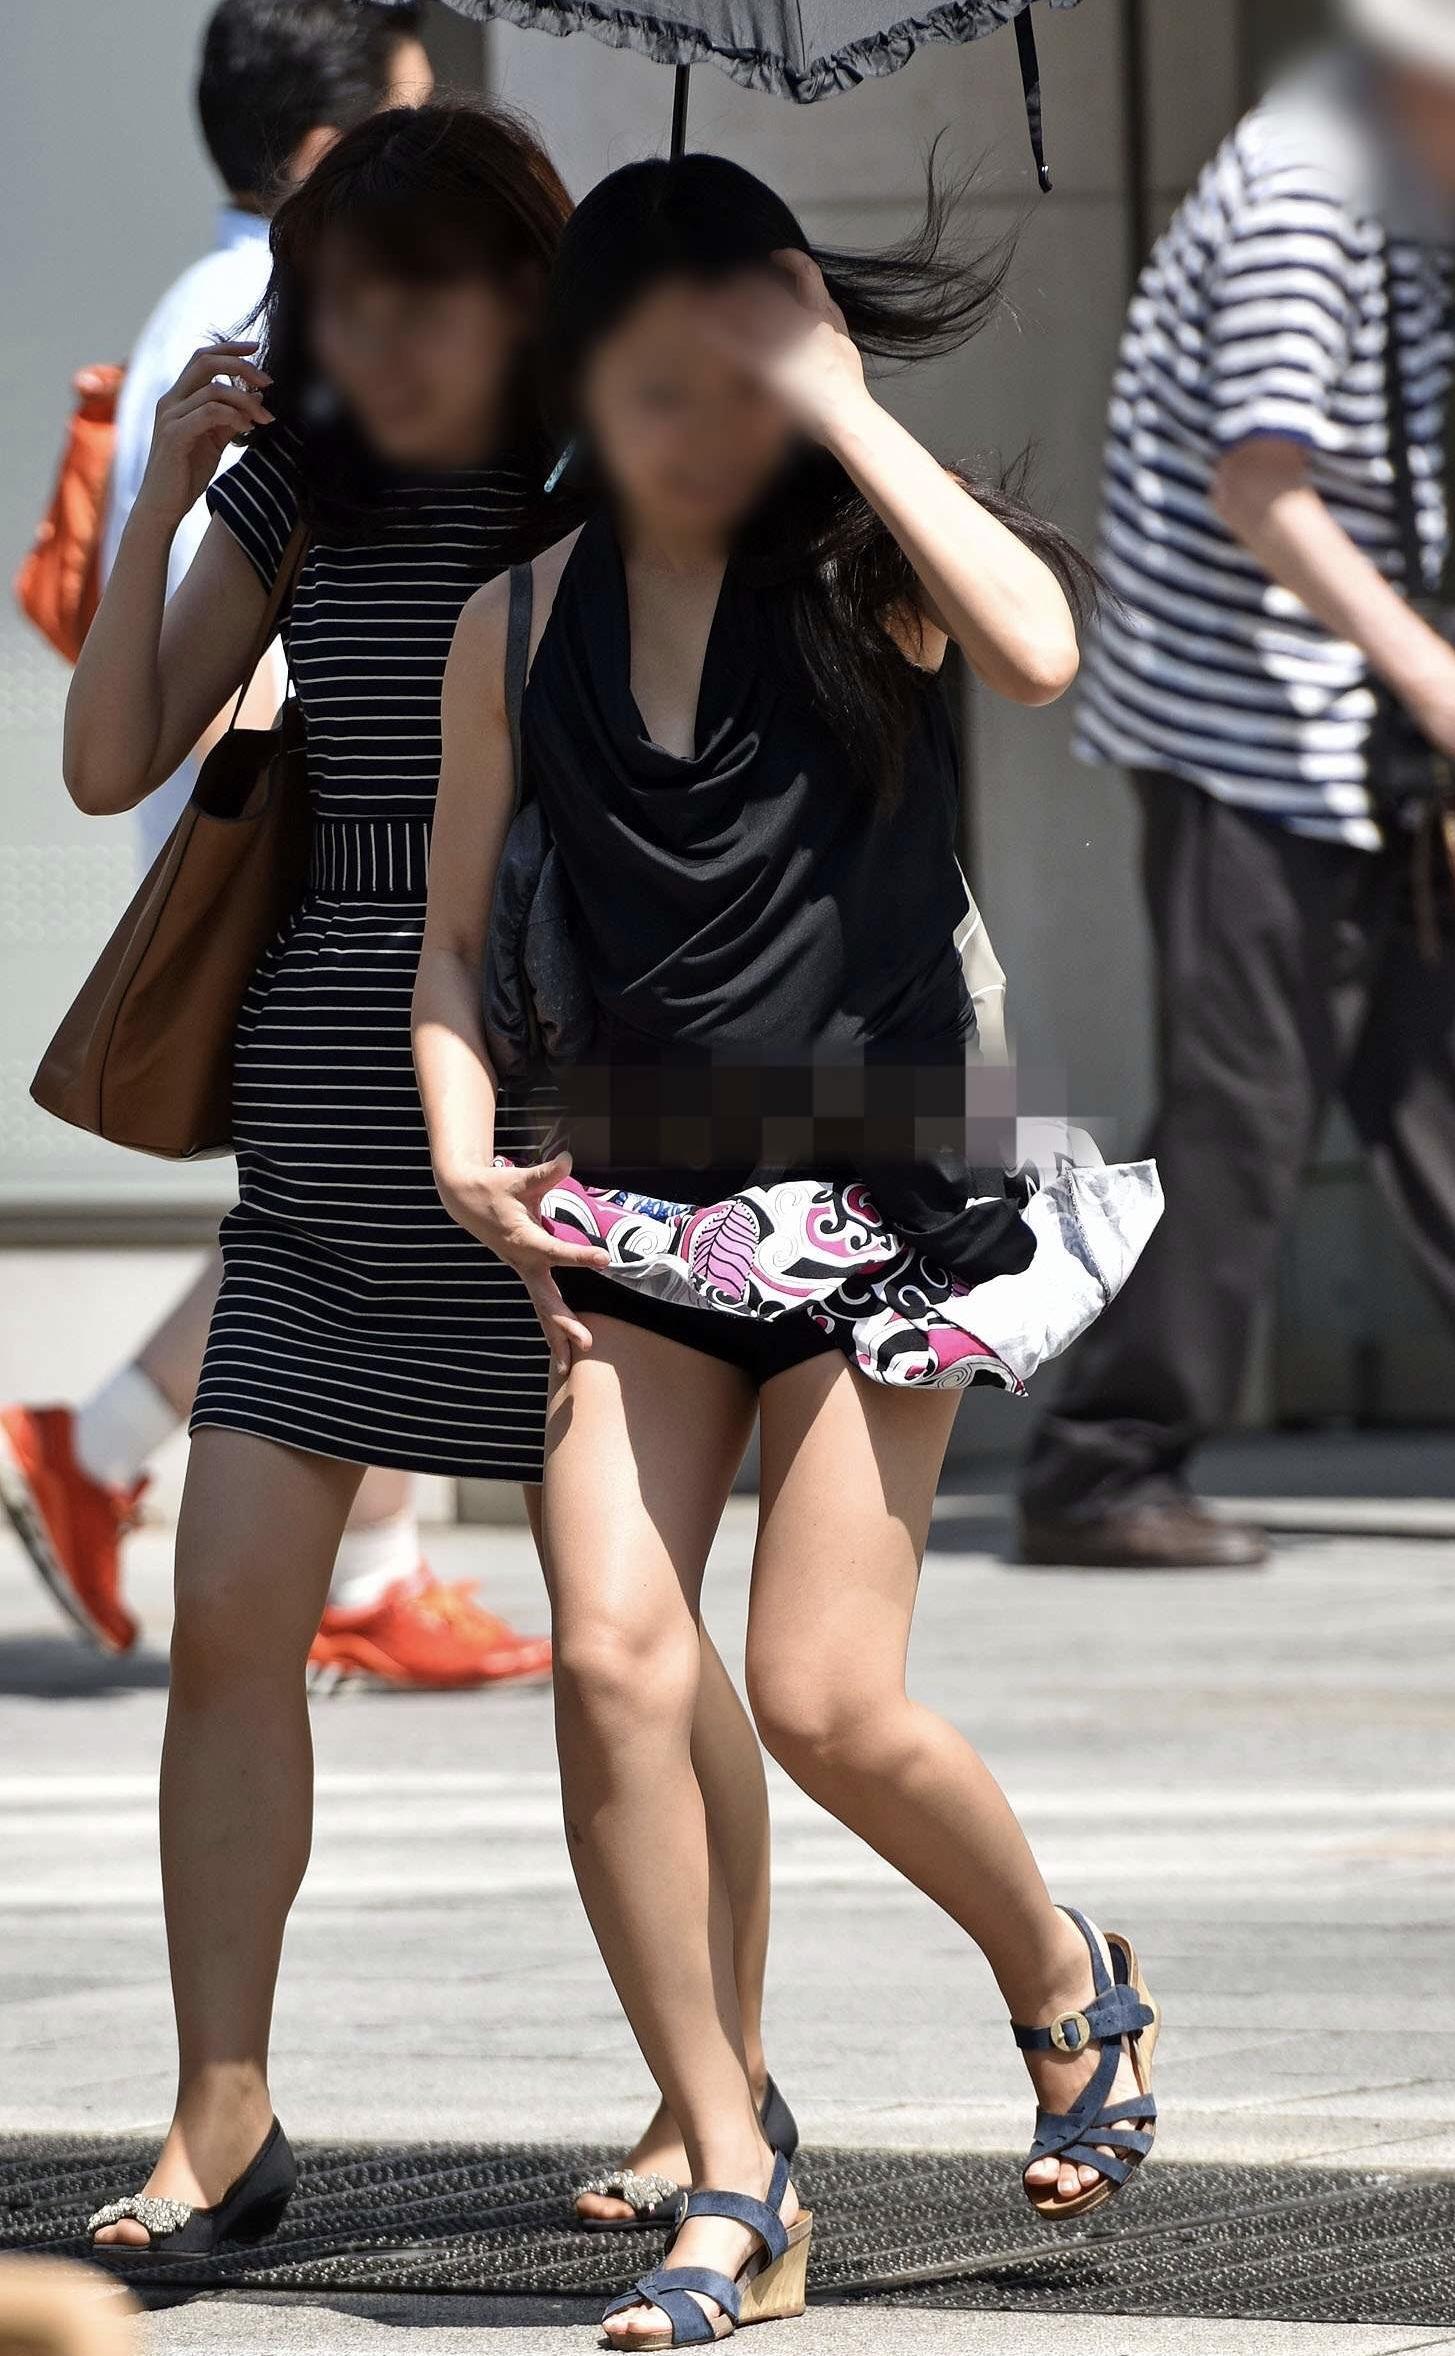 太ももとお尻がエッチなショートパンツ女子の素人エロ画像-039